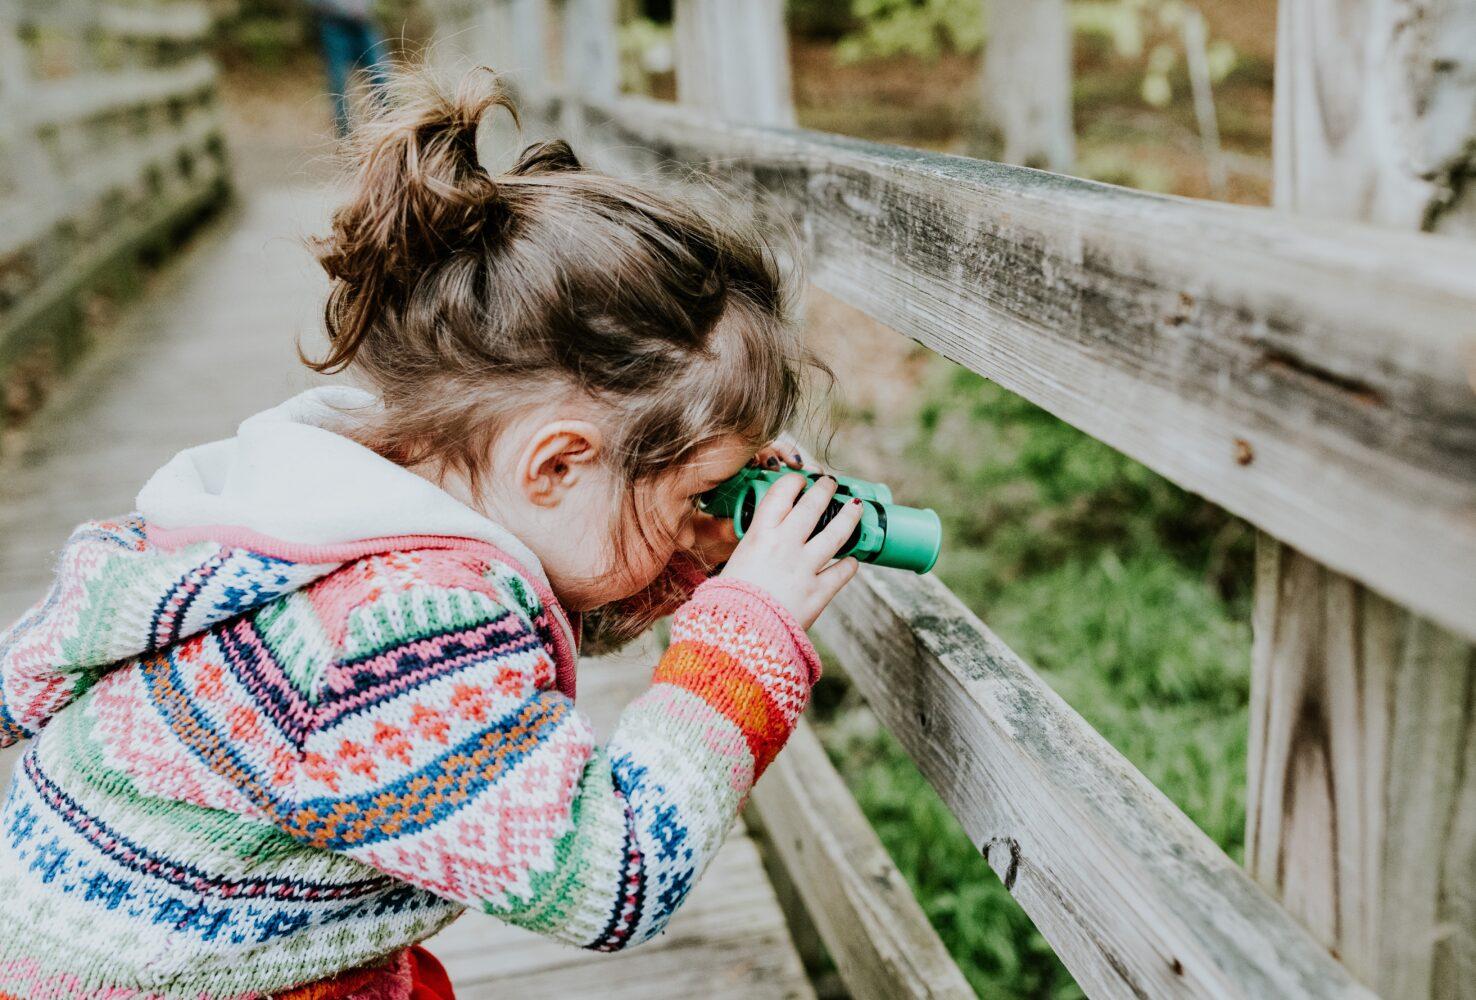 Het Gezinsleven - Moeder en Kind - Kinderen 1-4 jaar - Taalontwikkeling/ hoe krijg je meer interactie met je kind? - De natuur ontdekken